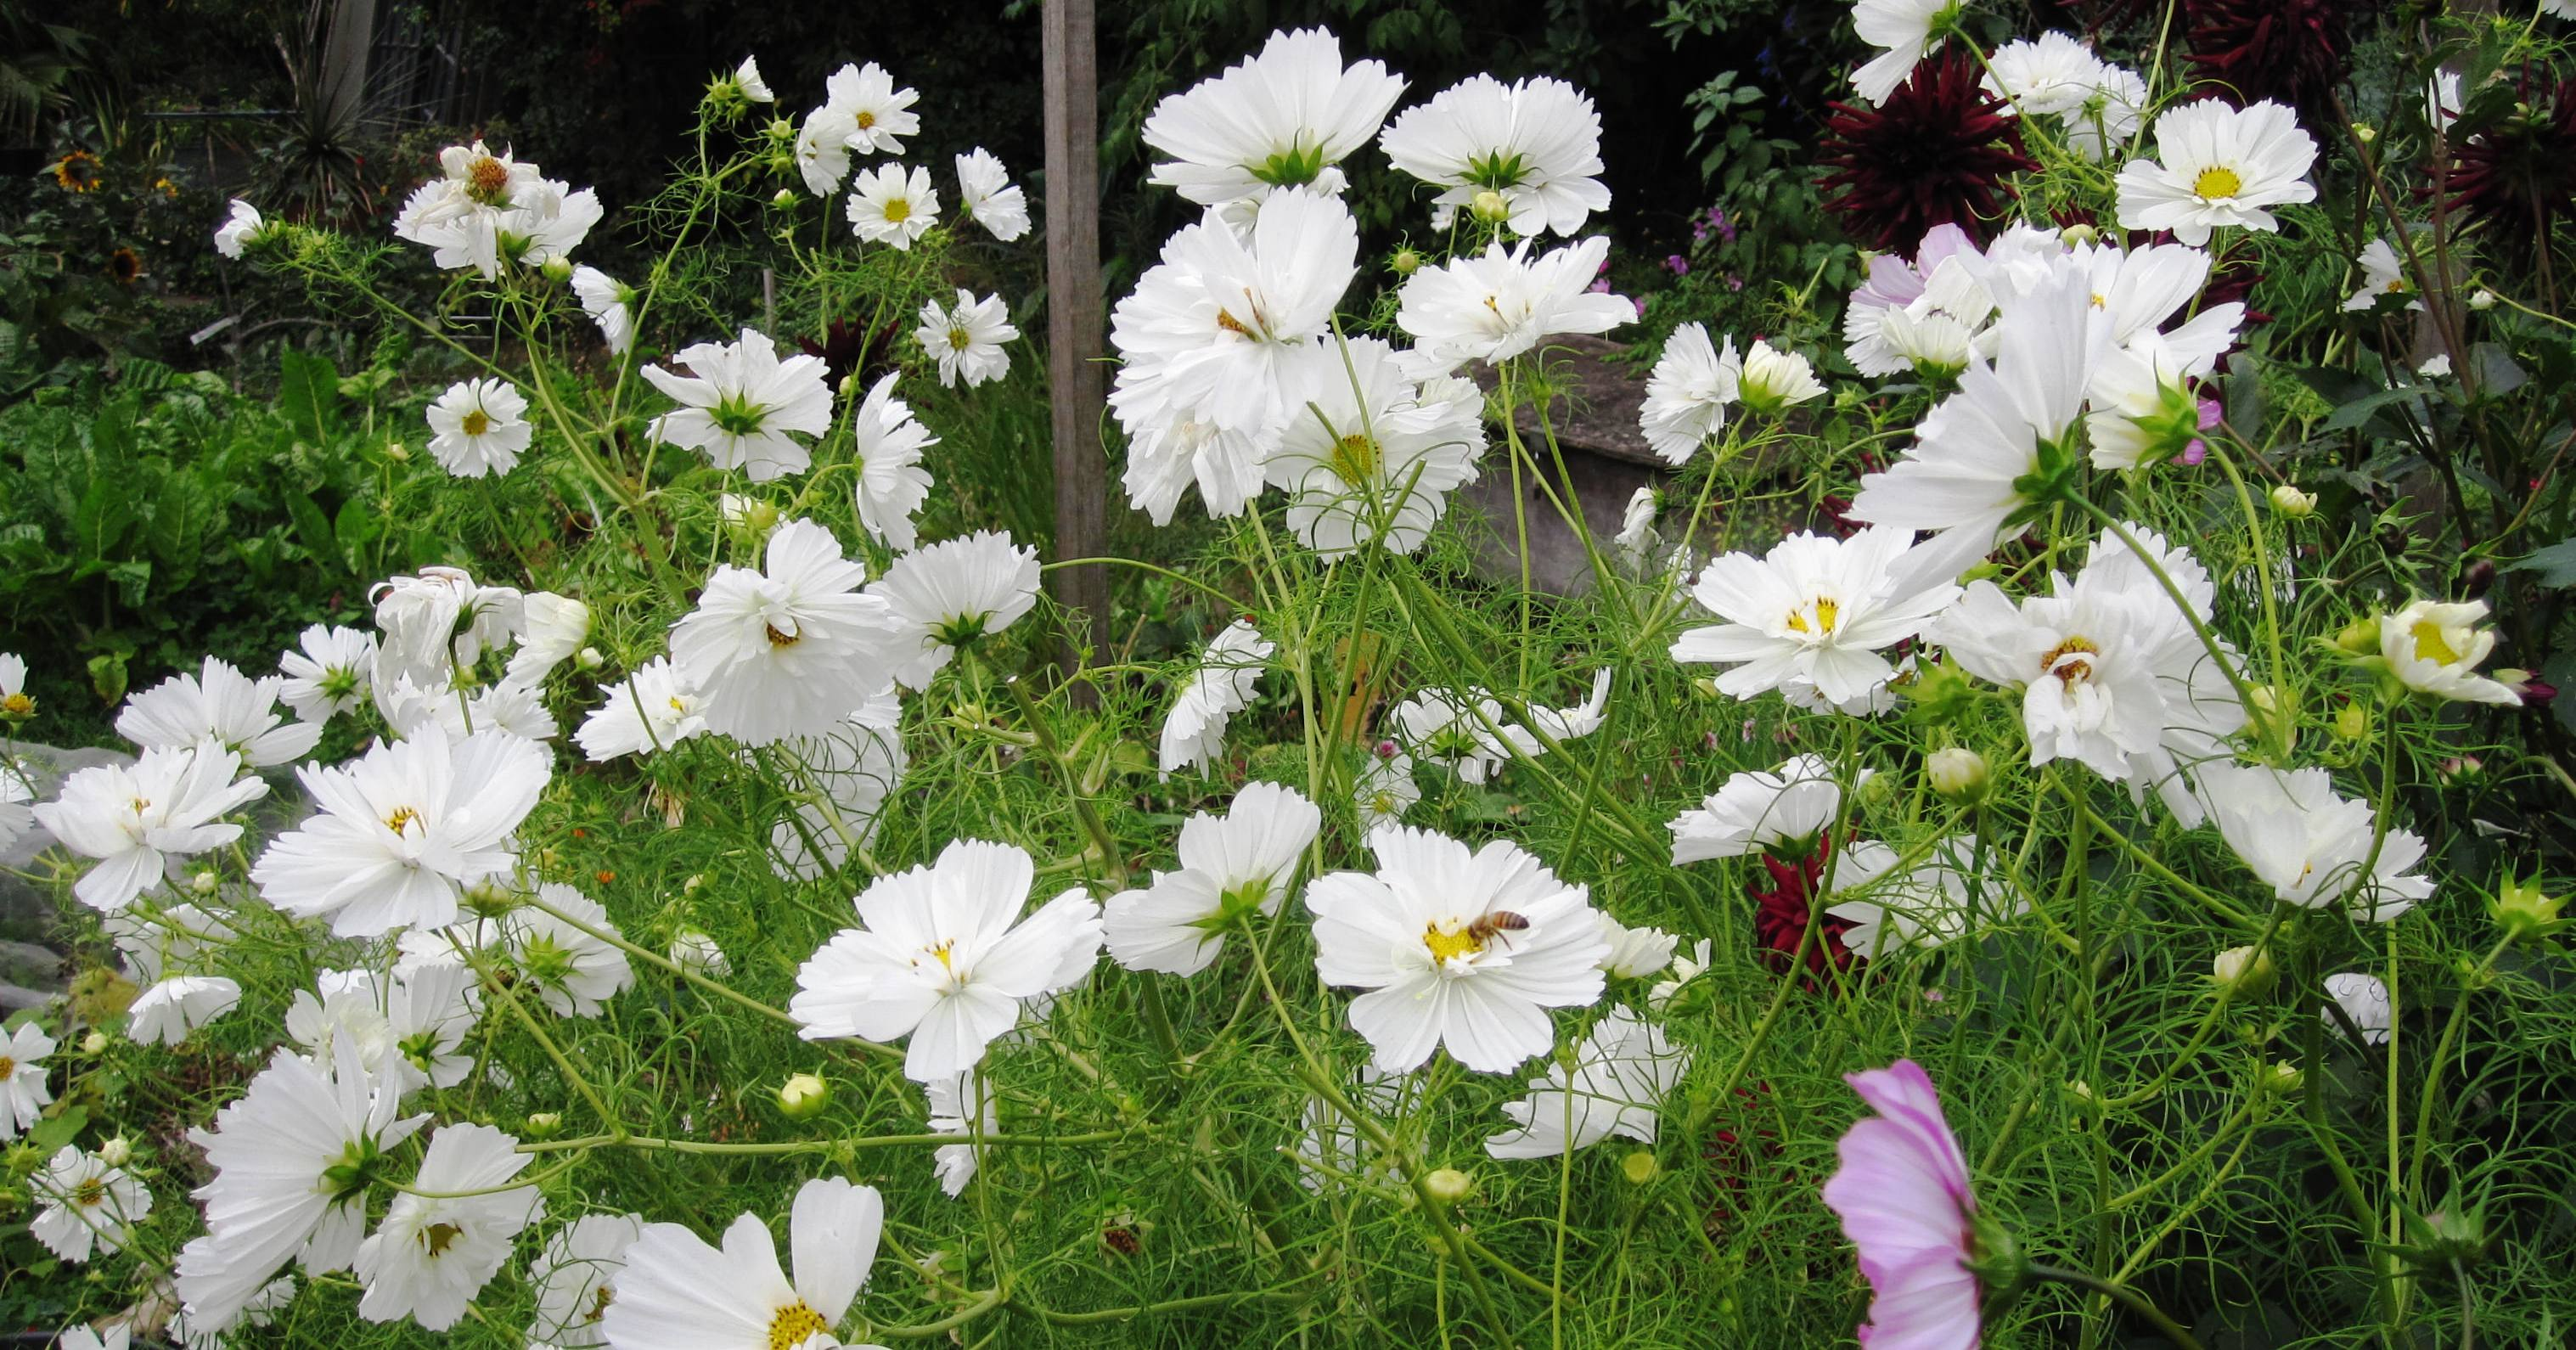 Cosmos psyche white viveka gardens meanwhileperennial izmirmasajfo Gallery